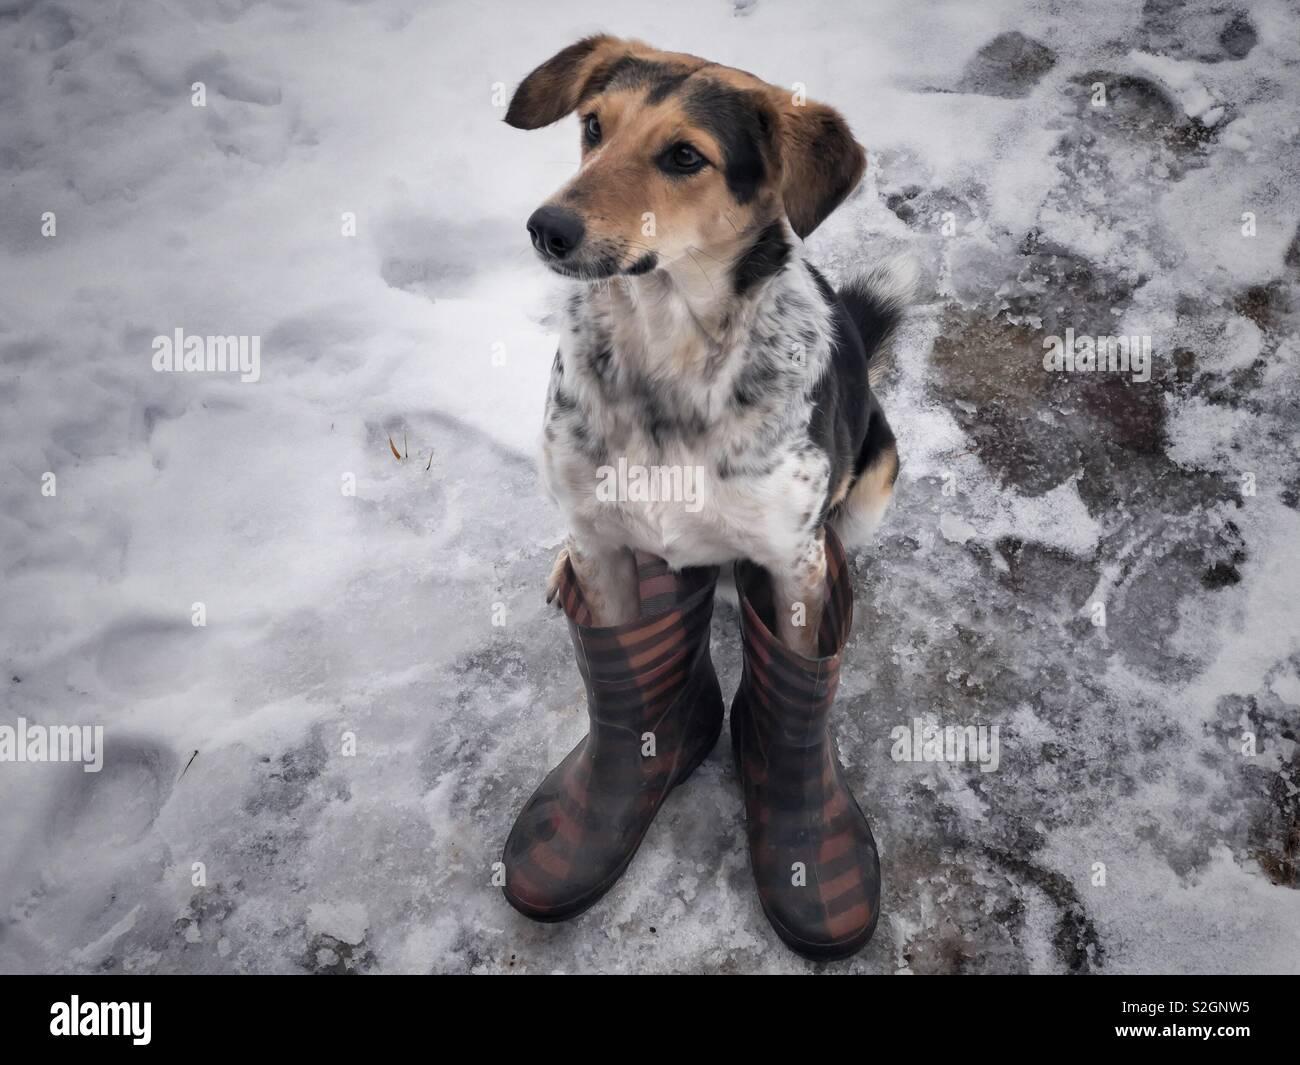 Gemischte Rasse Jagd Hund sitzt auf einem nassen Schnee tragen menschlichen Wellingtons Stockbild